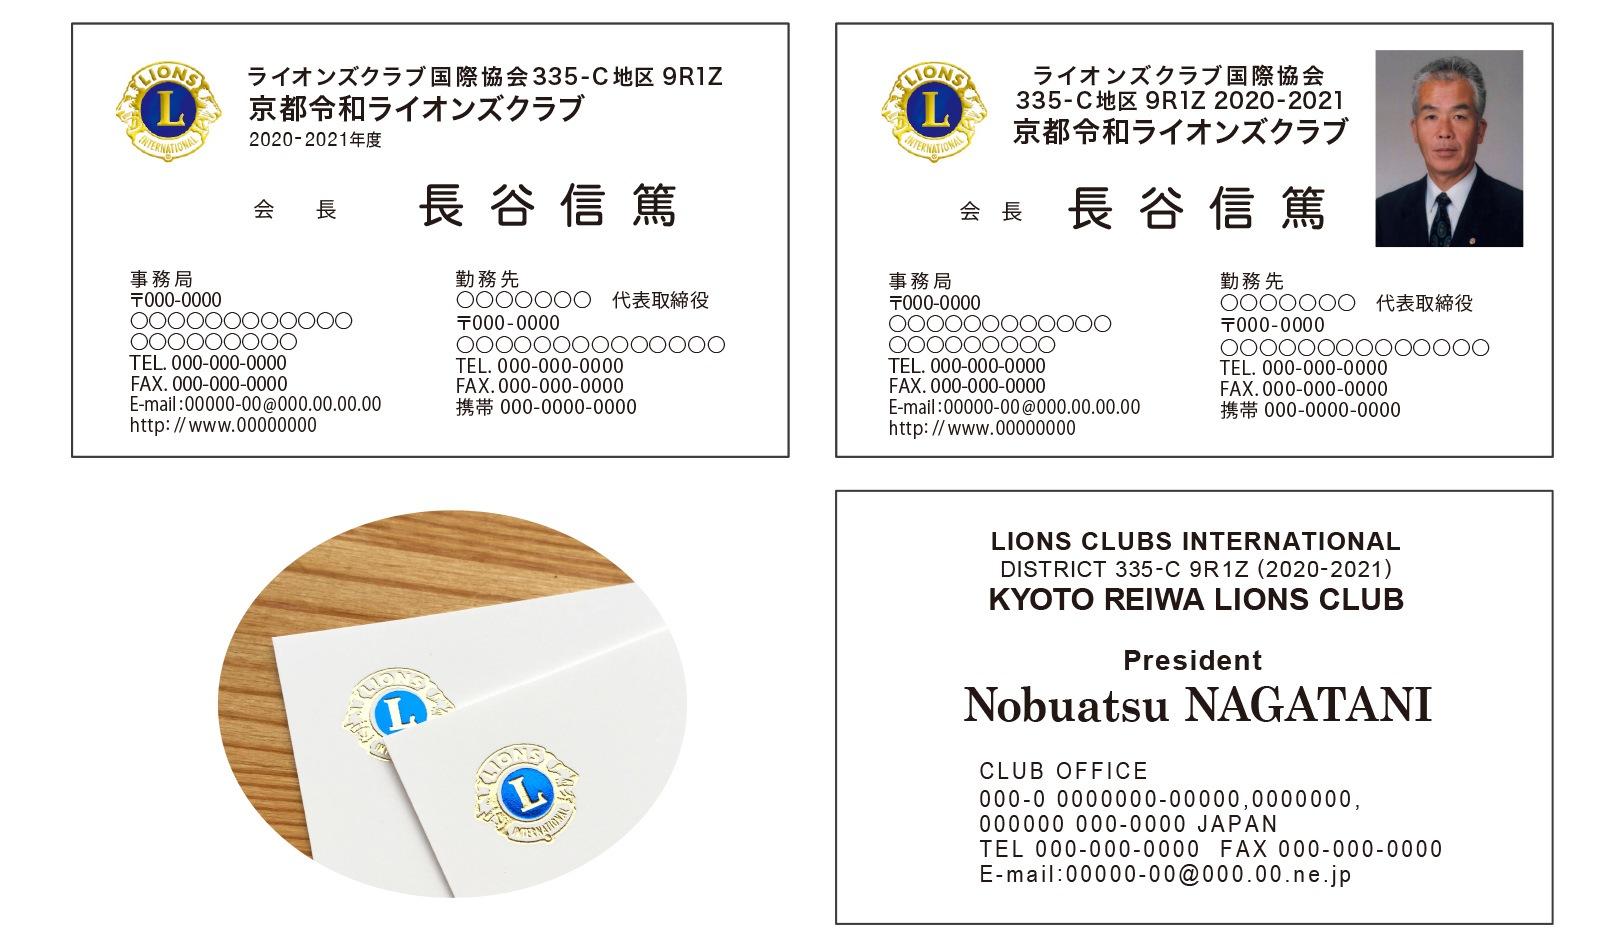 名刺_ライオンズマーク/金紺箔押しフルカラー印刷両面